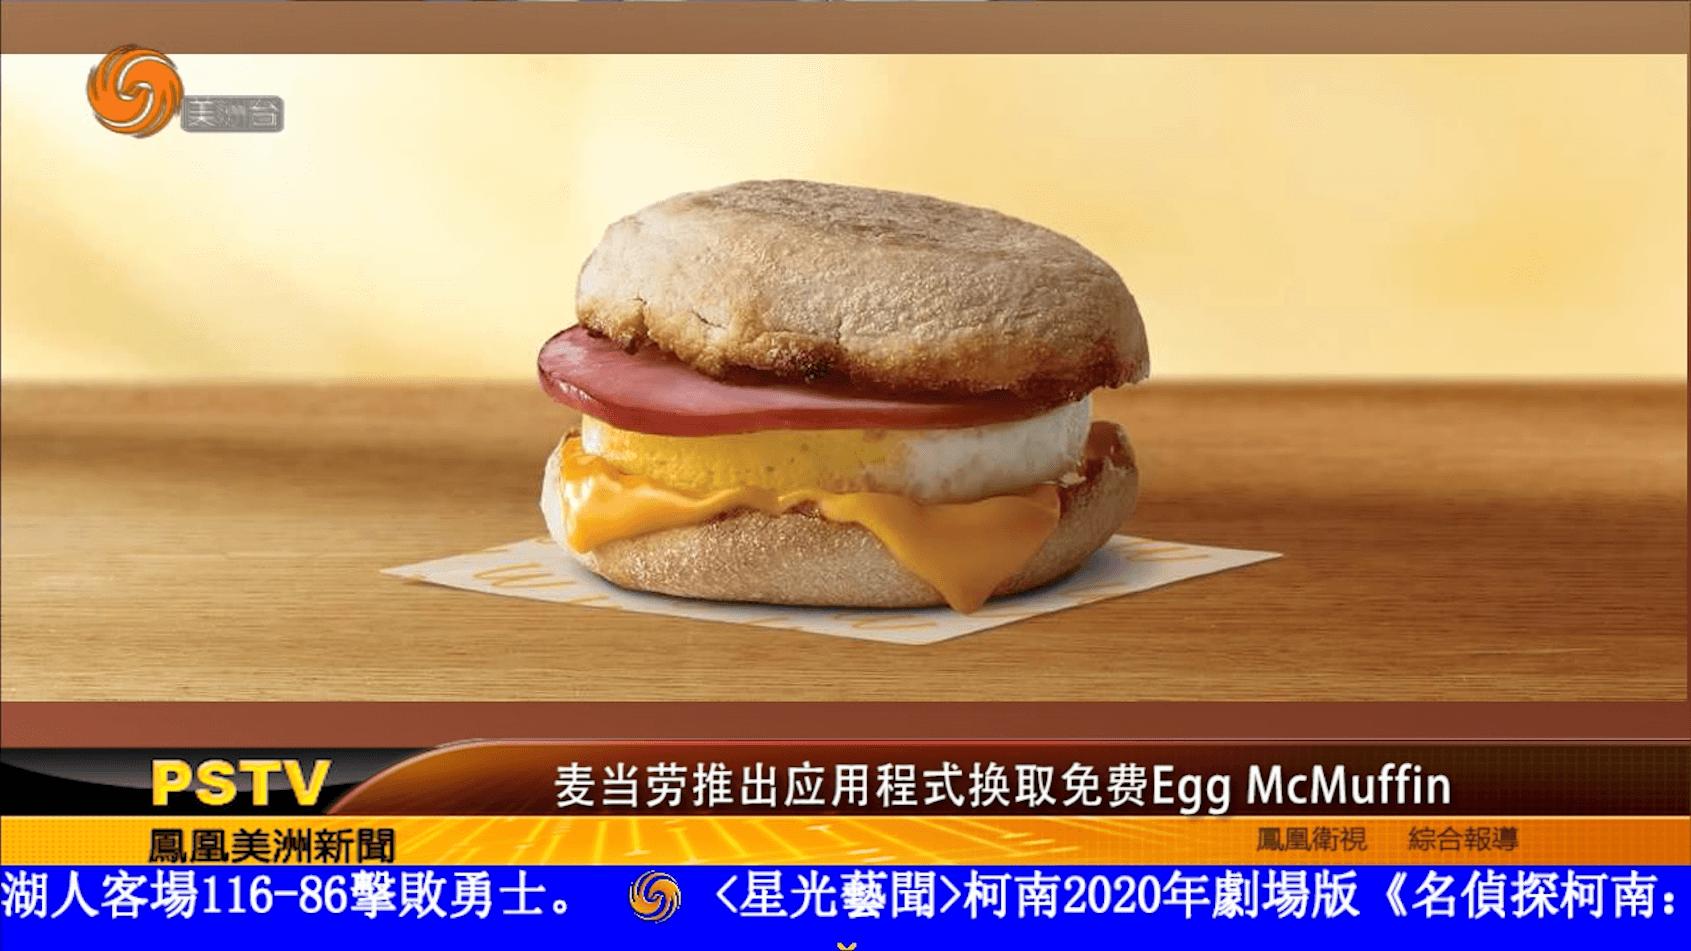 麦当劳推出应用程式换取免费Egg McMuffin